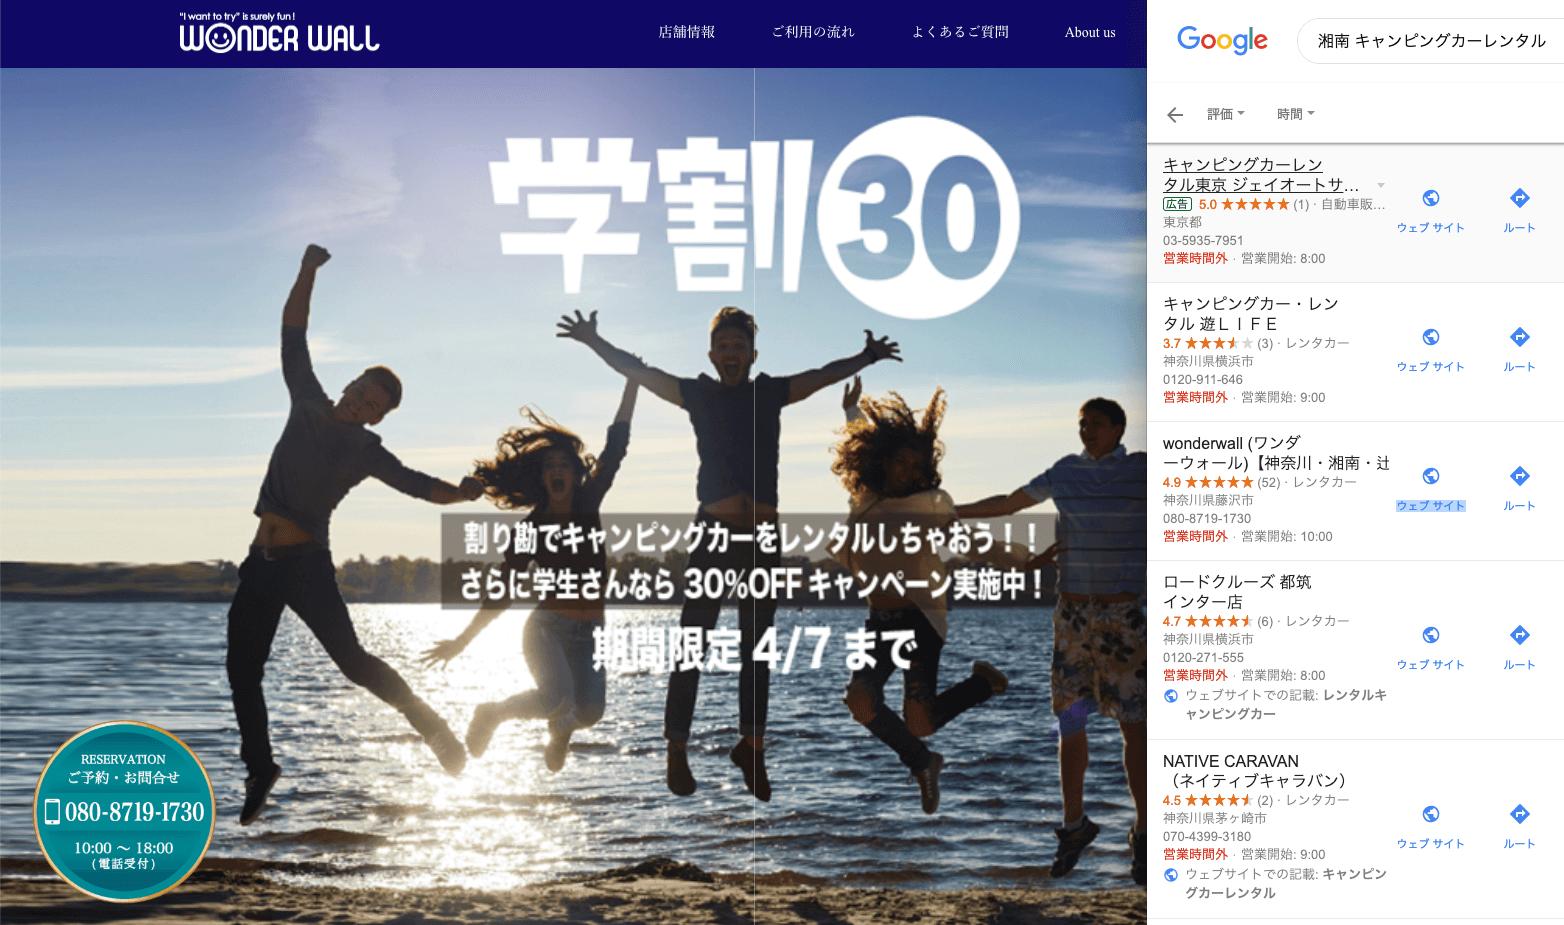 制作実績|MEO対策・神奈川県 Wonder Wall様